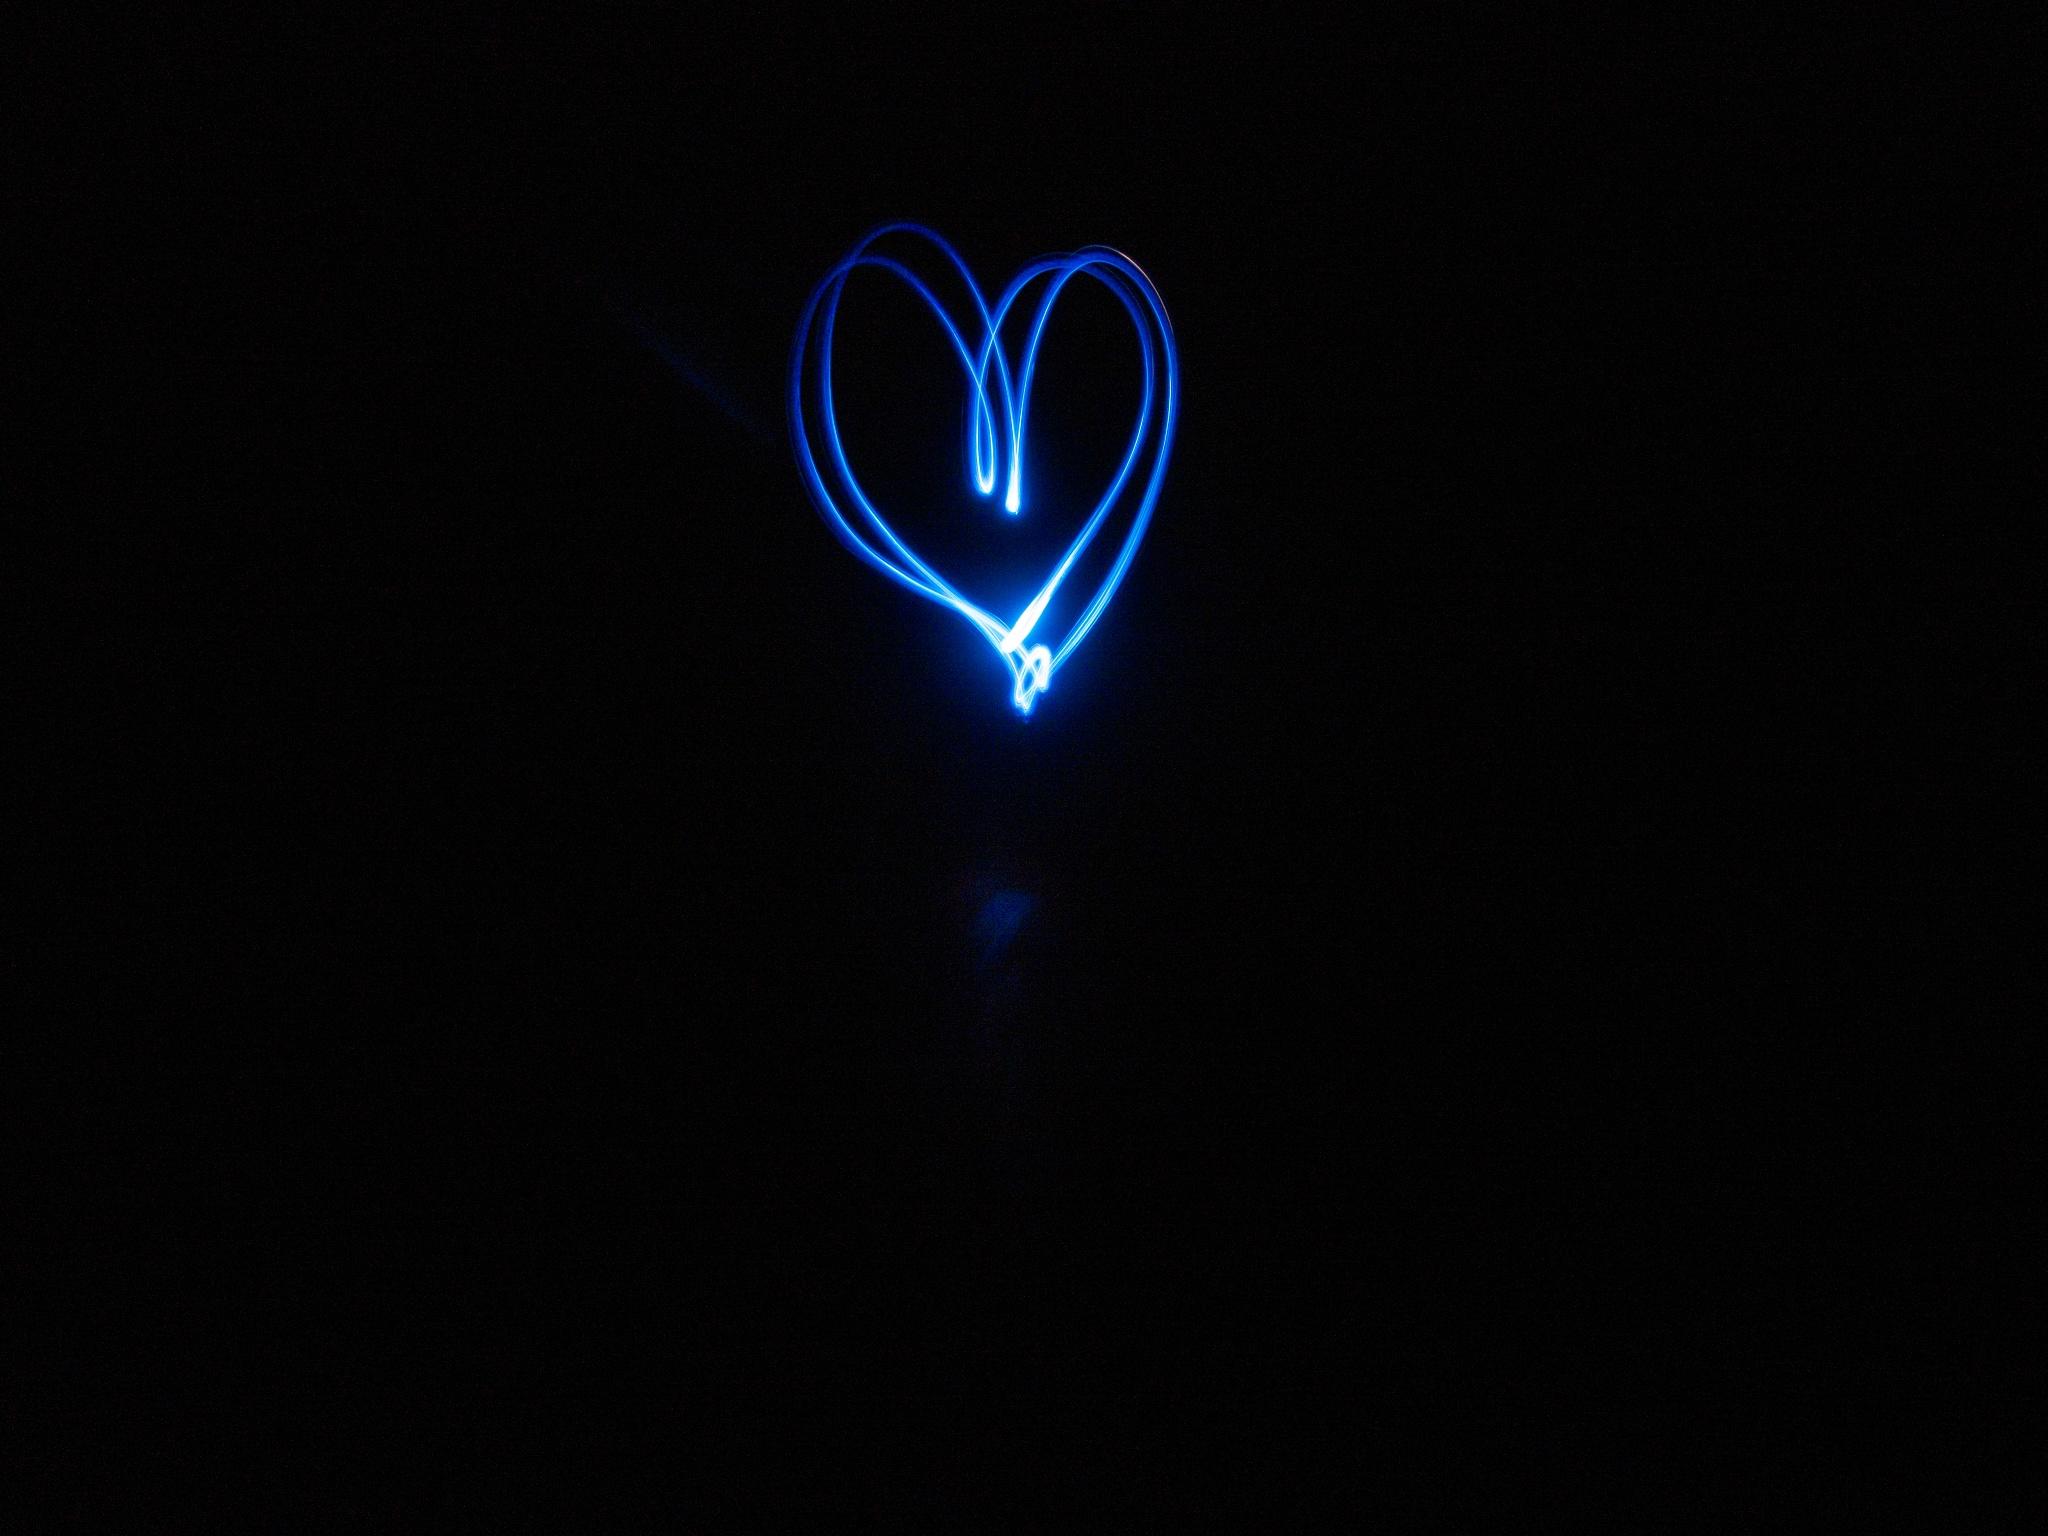 heart in blue by NikoDim